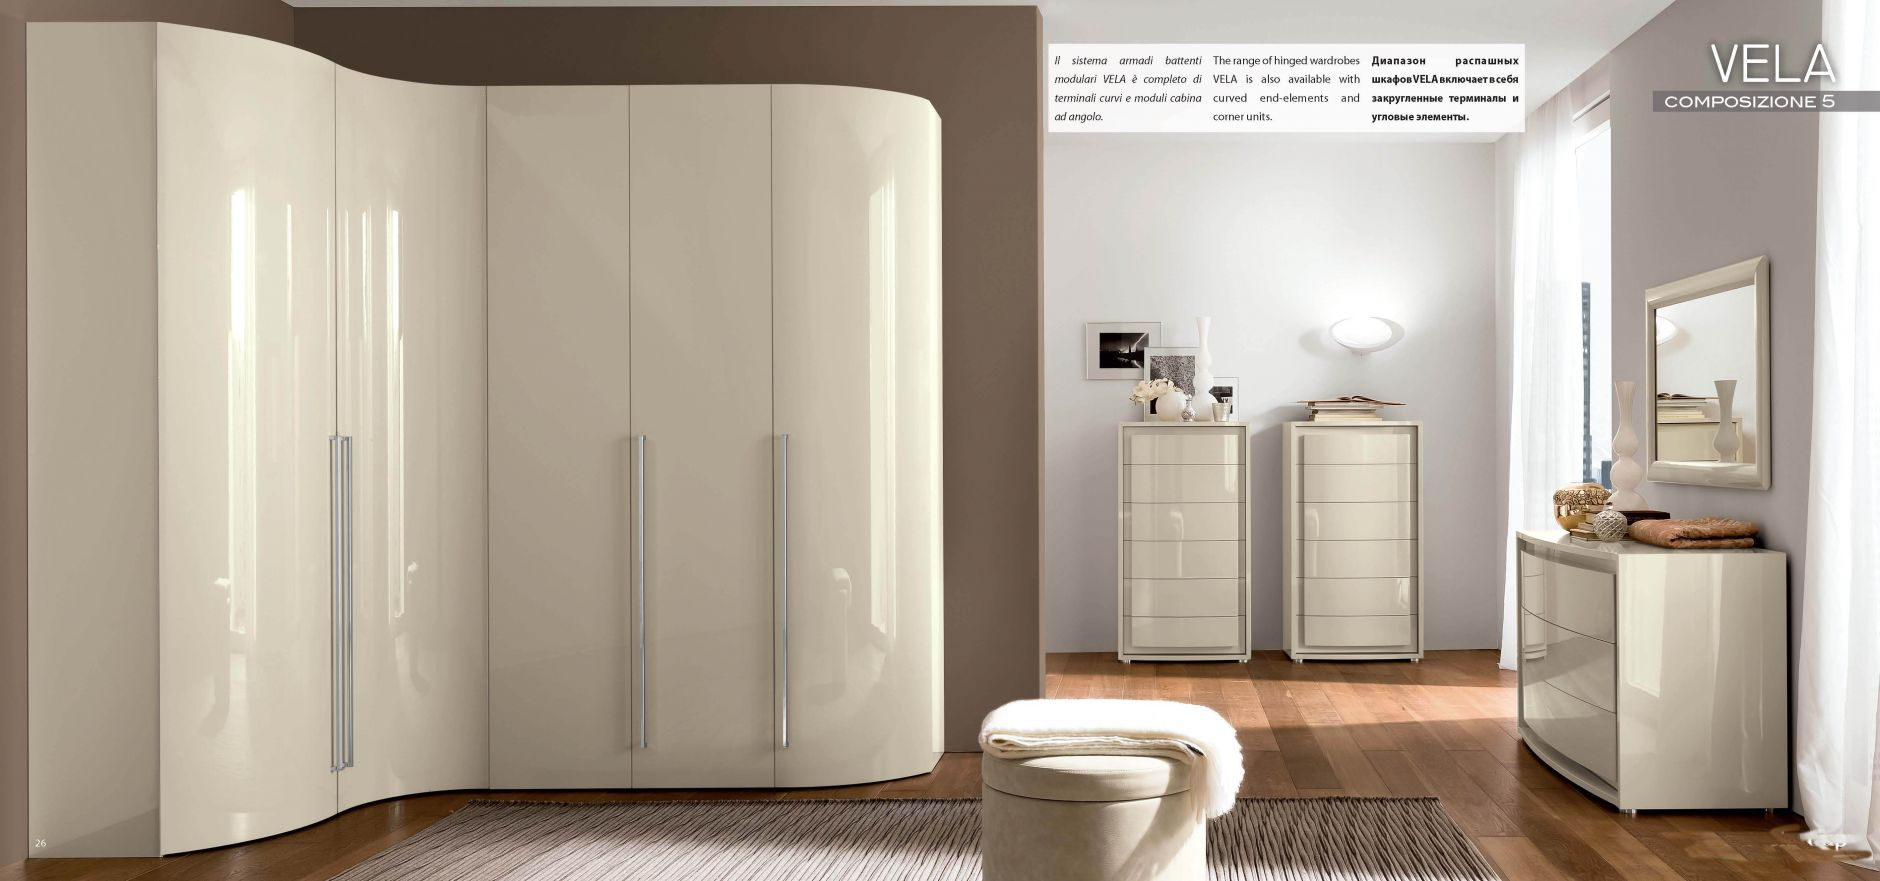 Купить угловой шкаф vela - композиция 5 - мебель фабрики cam.